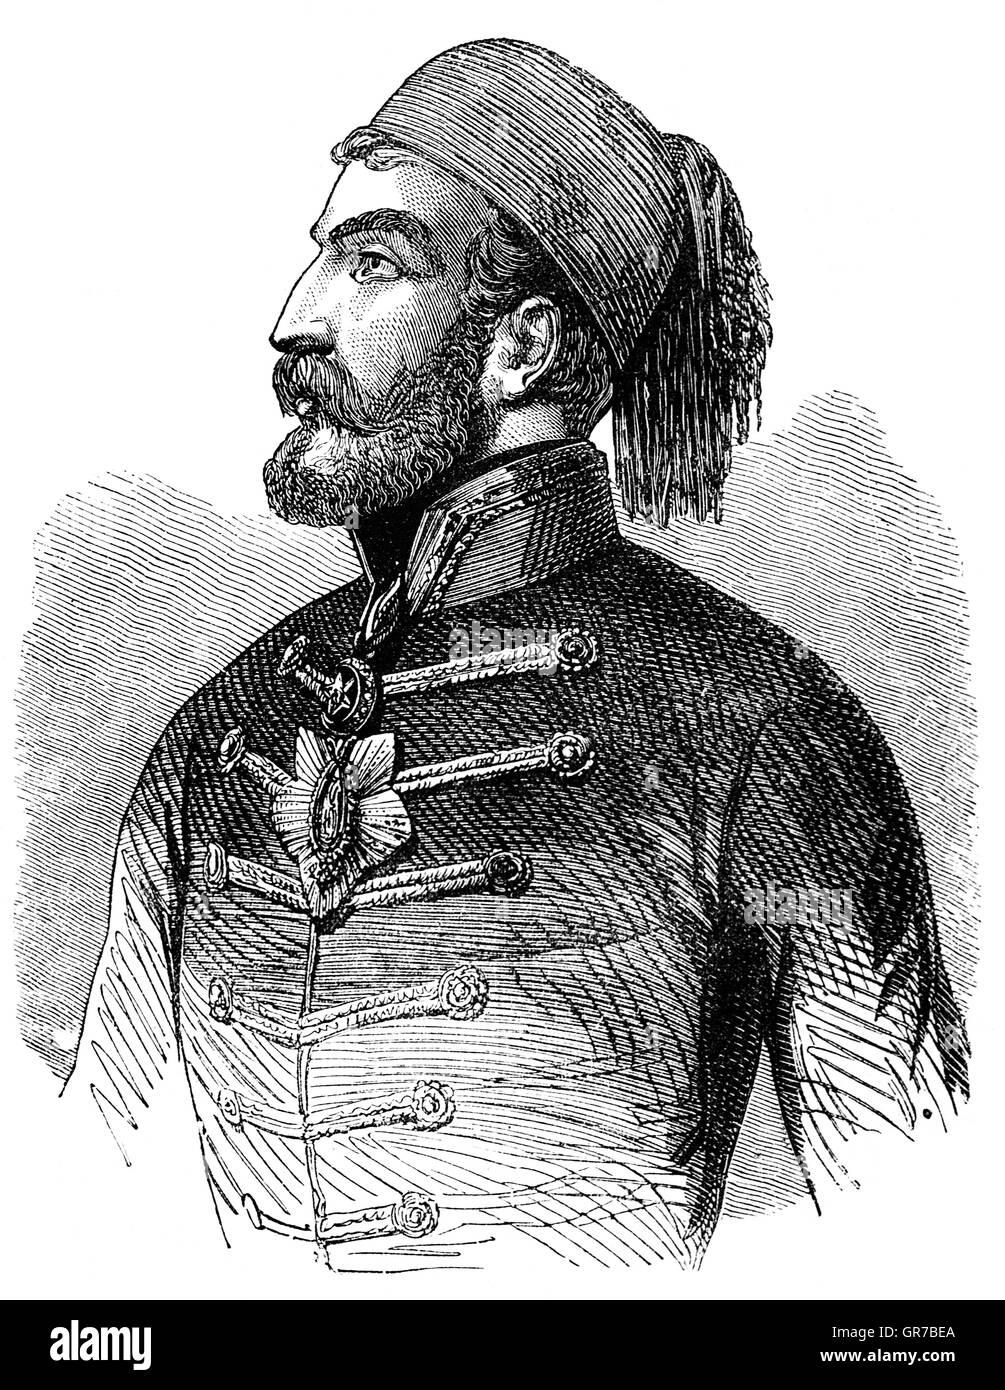 Omar Pasha latas (1806-1871) fue un general y gobernador otomano. Inicialmente fue un soldado austríaco, pero cuando se enfrentan a las acusaciones de malversación de fondos huyeron a Bosnia otomana y convertido al Islam, se unió al ejército otomano donde rápidamente escaló en filas. Fue comandante en la guerra de Crimea, donde ganó victorias pendientes en Silistra y Eupatoria y participó en el asedio de Sebastopol. Foto de stock